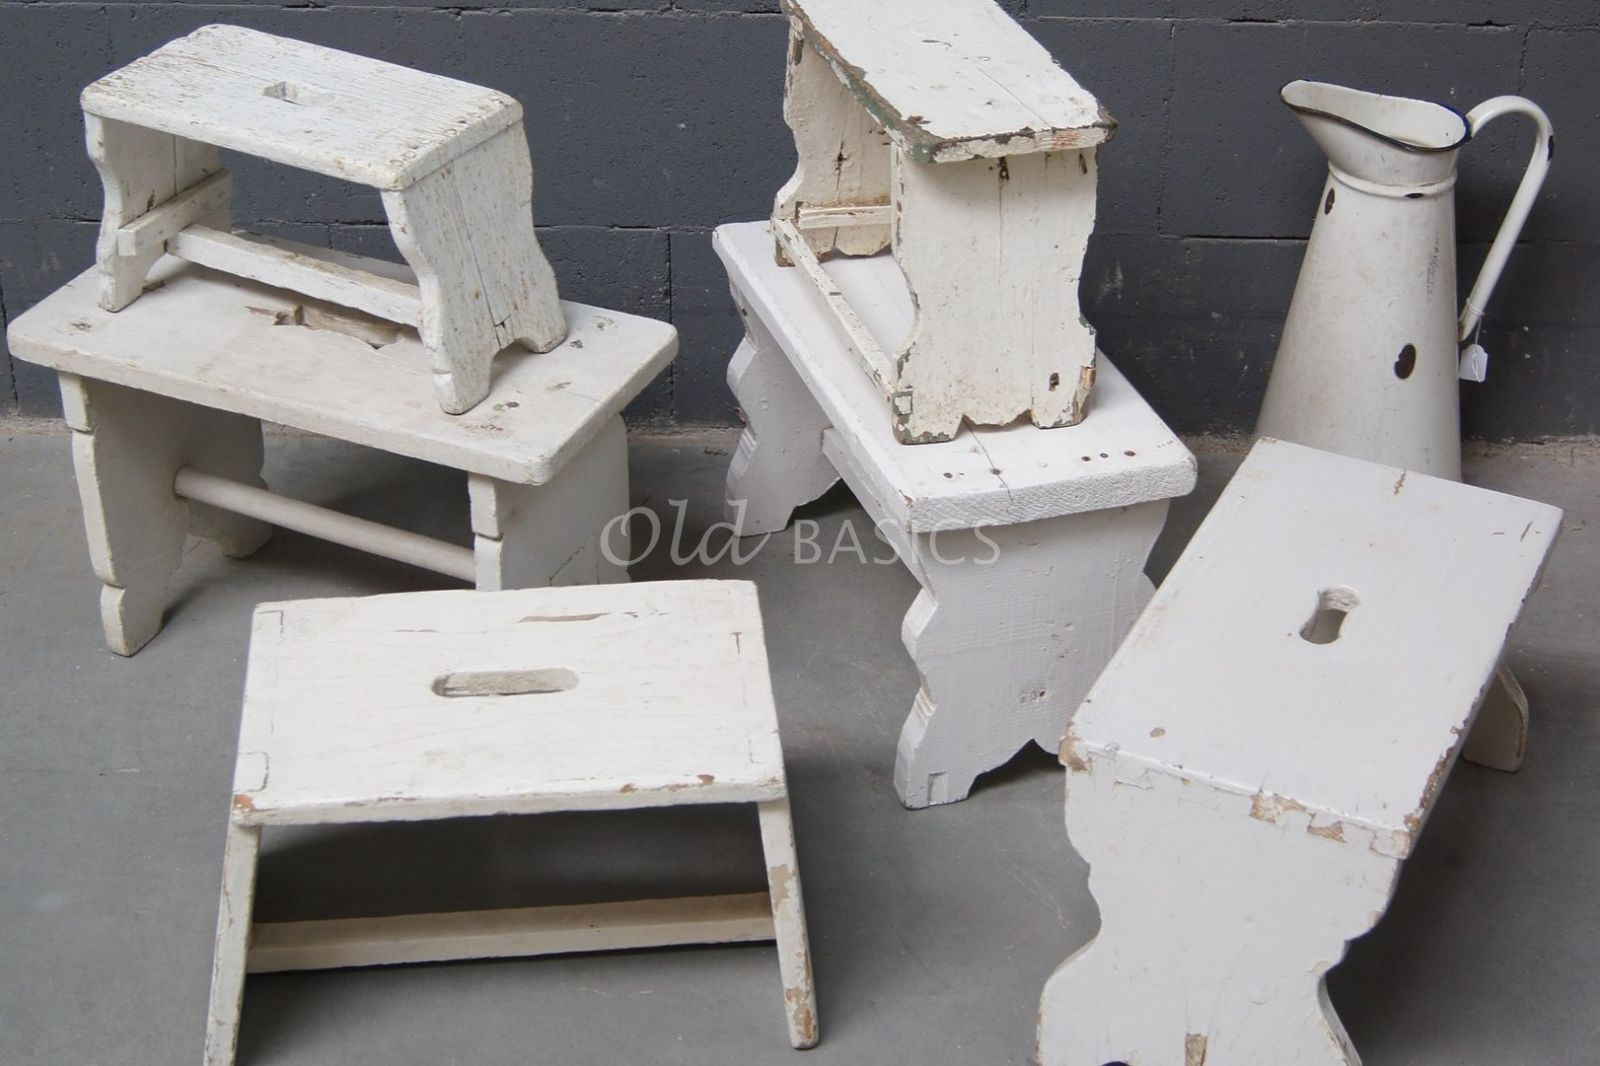 Krukje, wit, materiaal hout